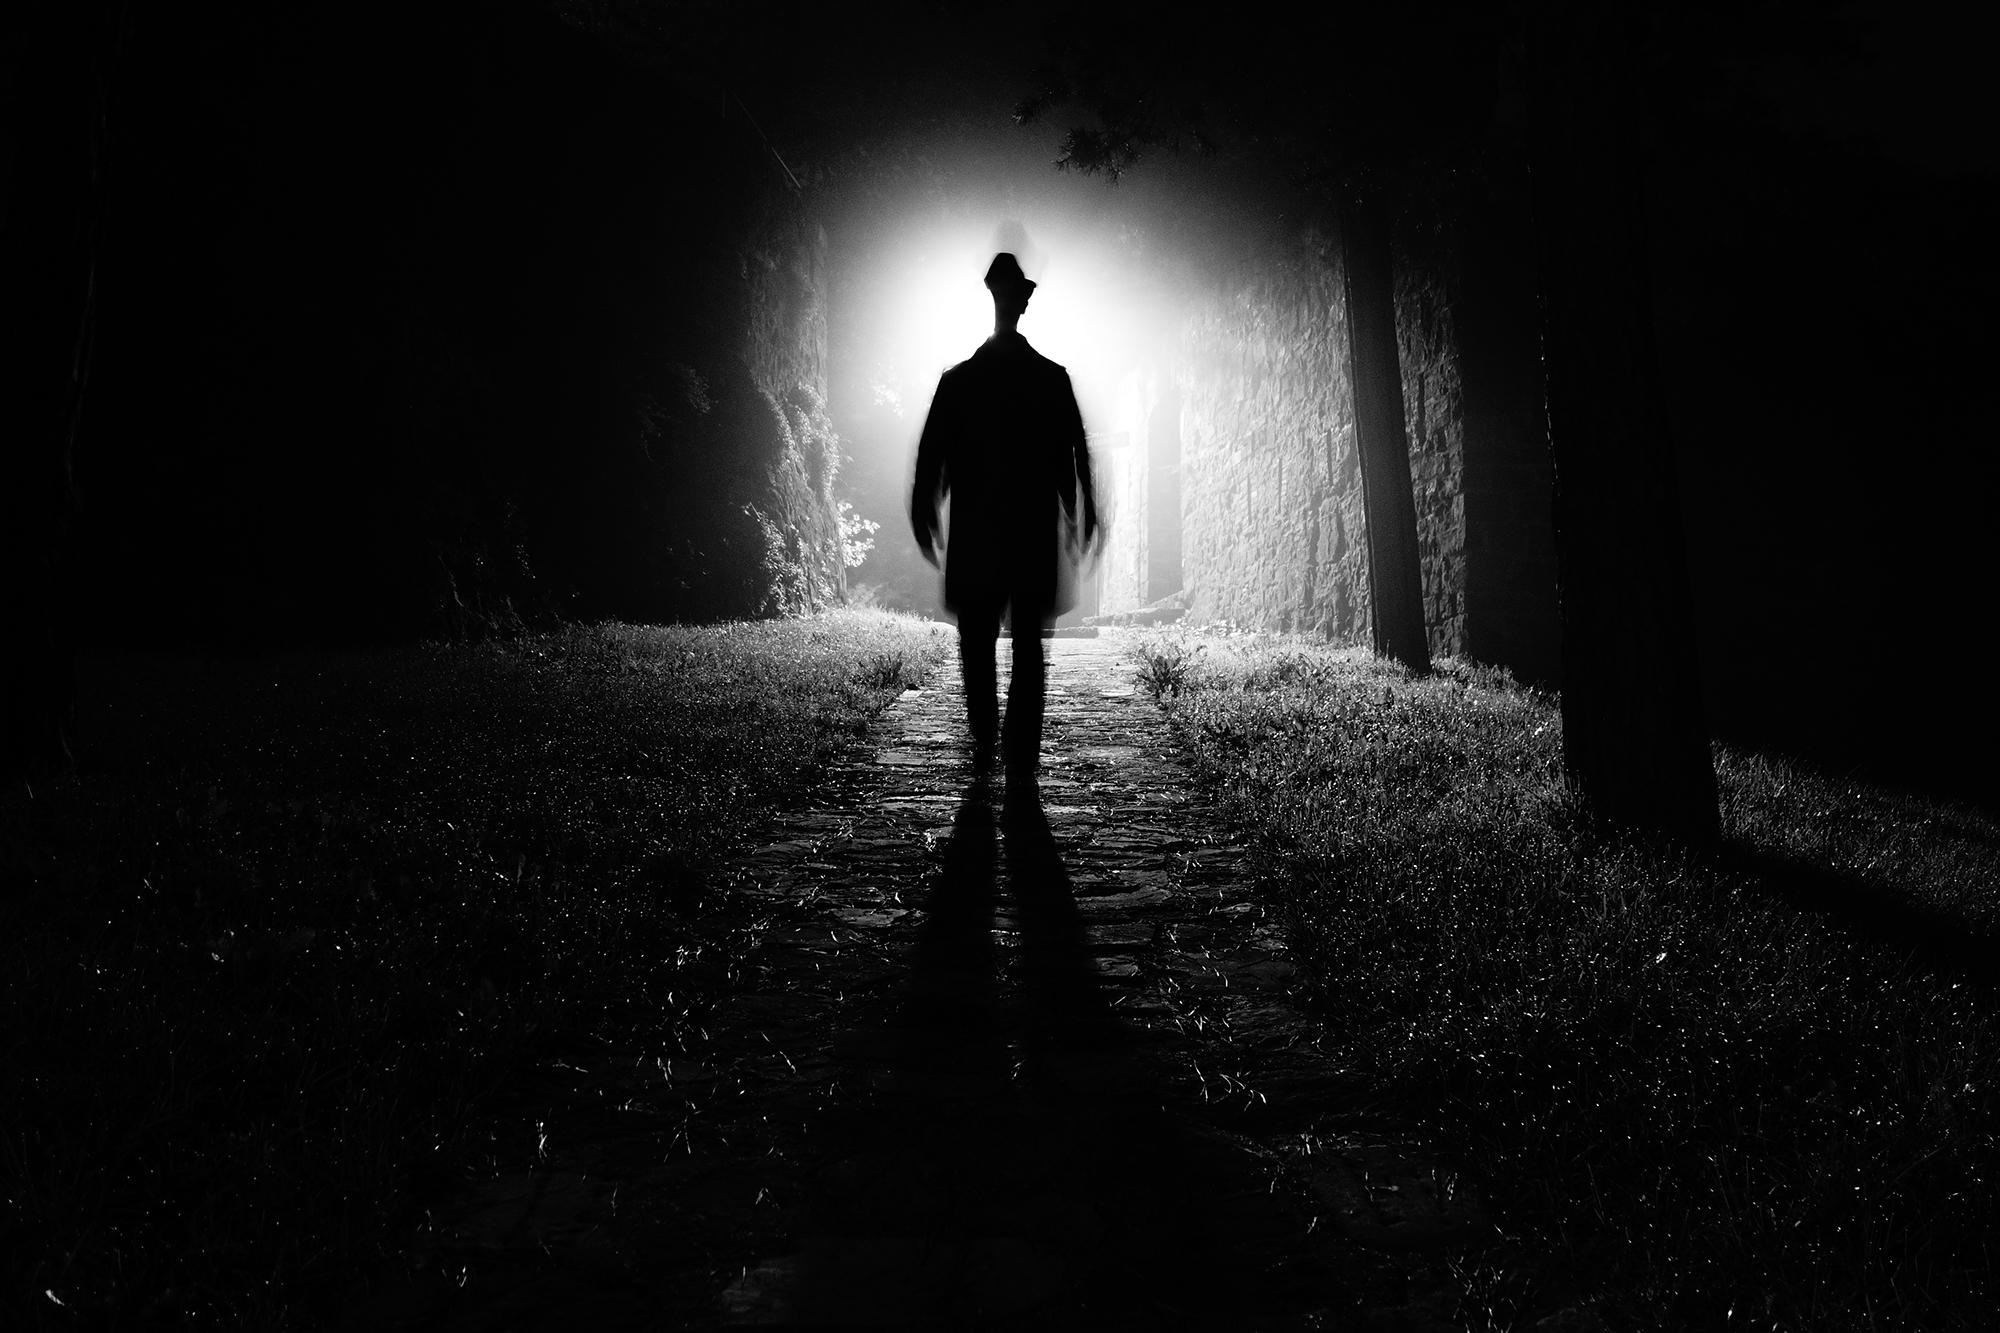 картинка уходящего в темноту того, основную